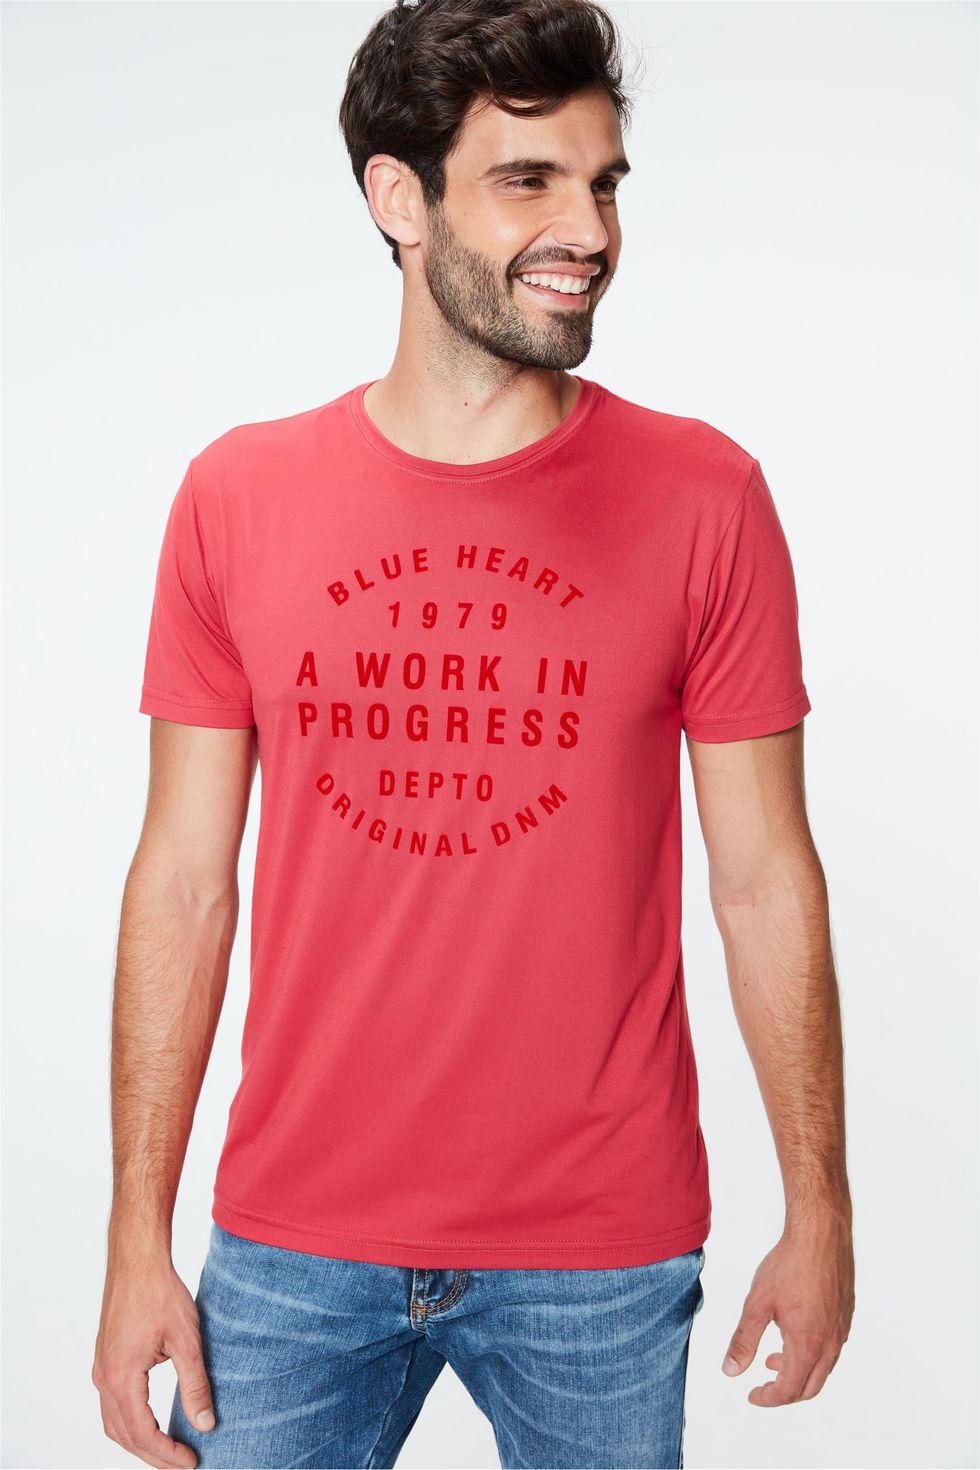 Camiseta-Estampa-Blue-Heart-Masculina-Frente--